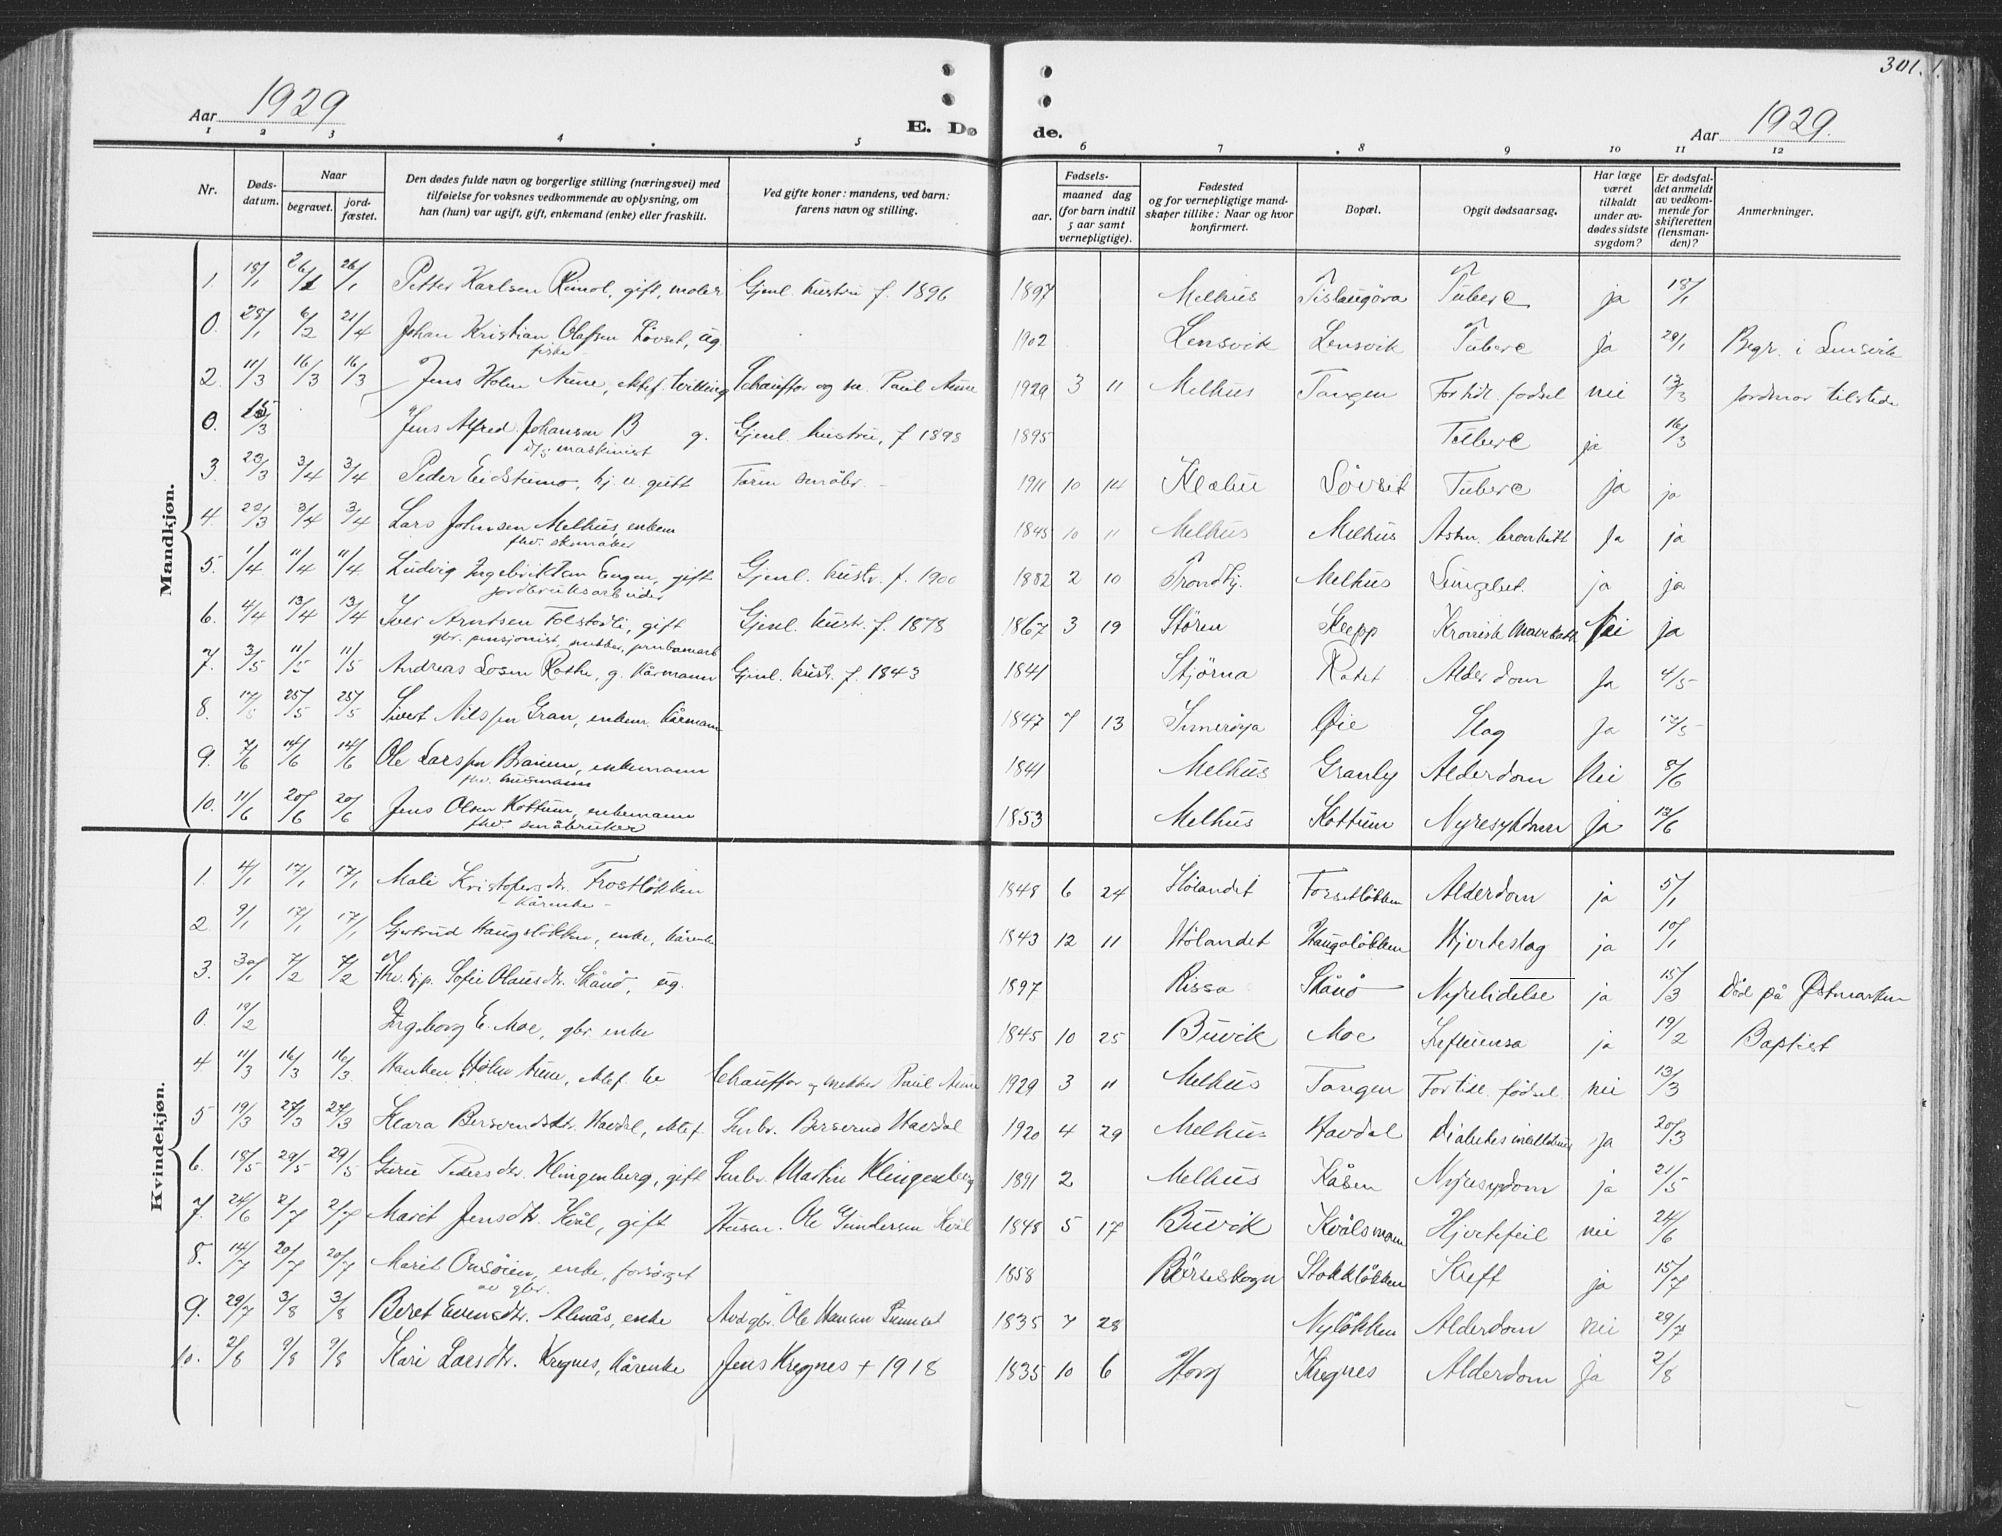 SAT, Ministerialprotokoller, klokkerbøker og fødselsregistre - Sør-Trøndelag, 691/L1095: Klokkerbok nr. 691C06, 1912-1933, s. 301